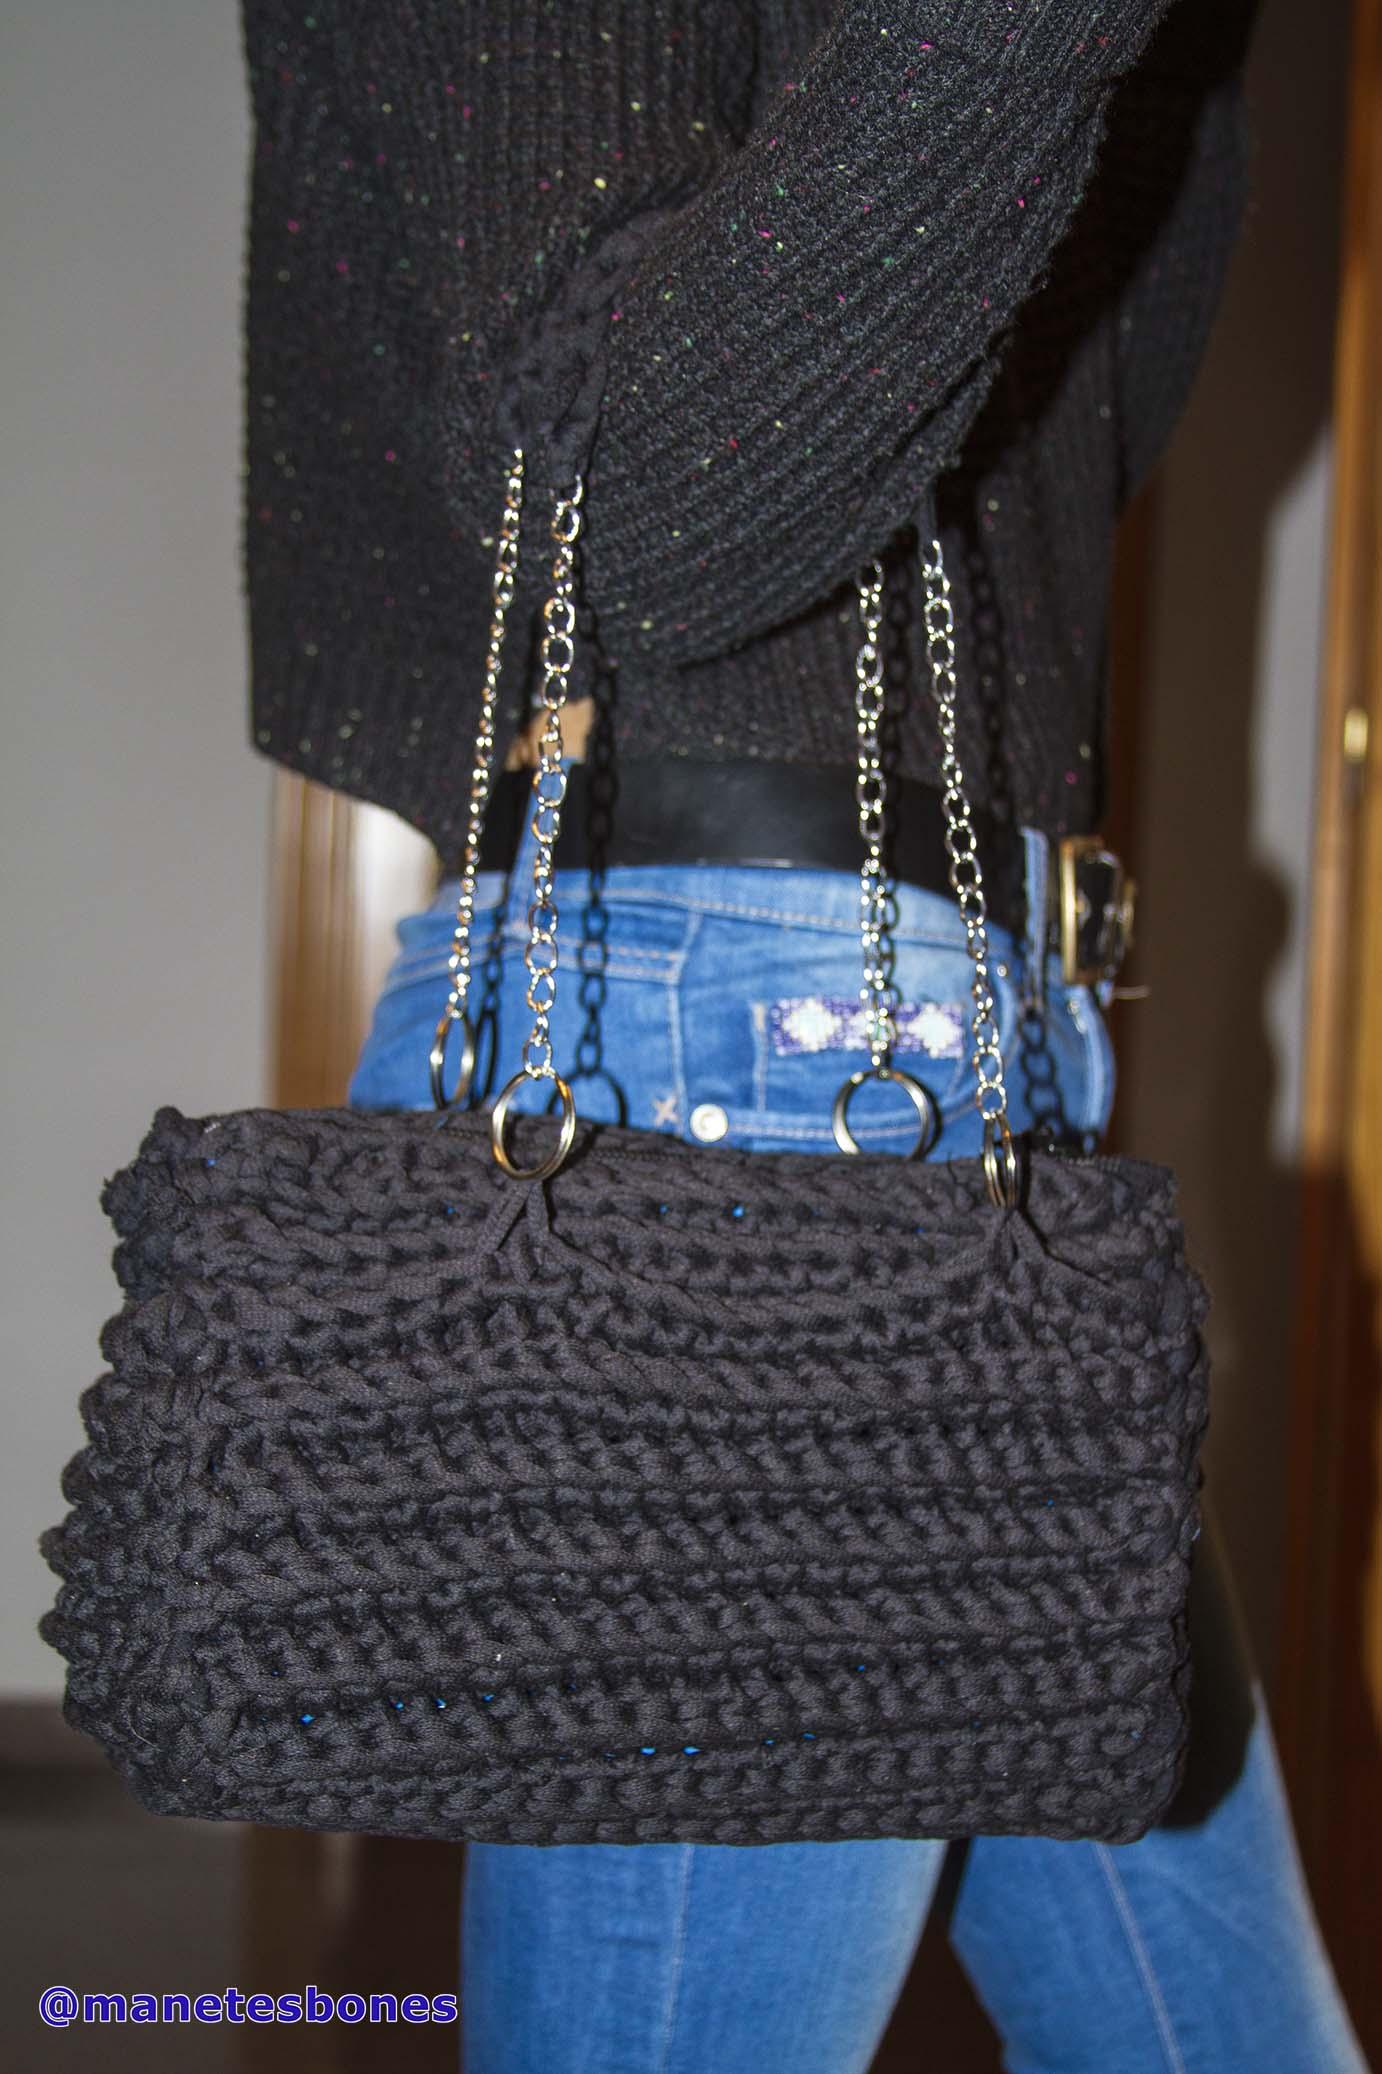 Bolsos manetes bones - Hacer bolsos de trapillo ...